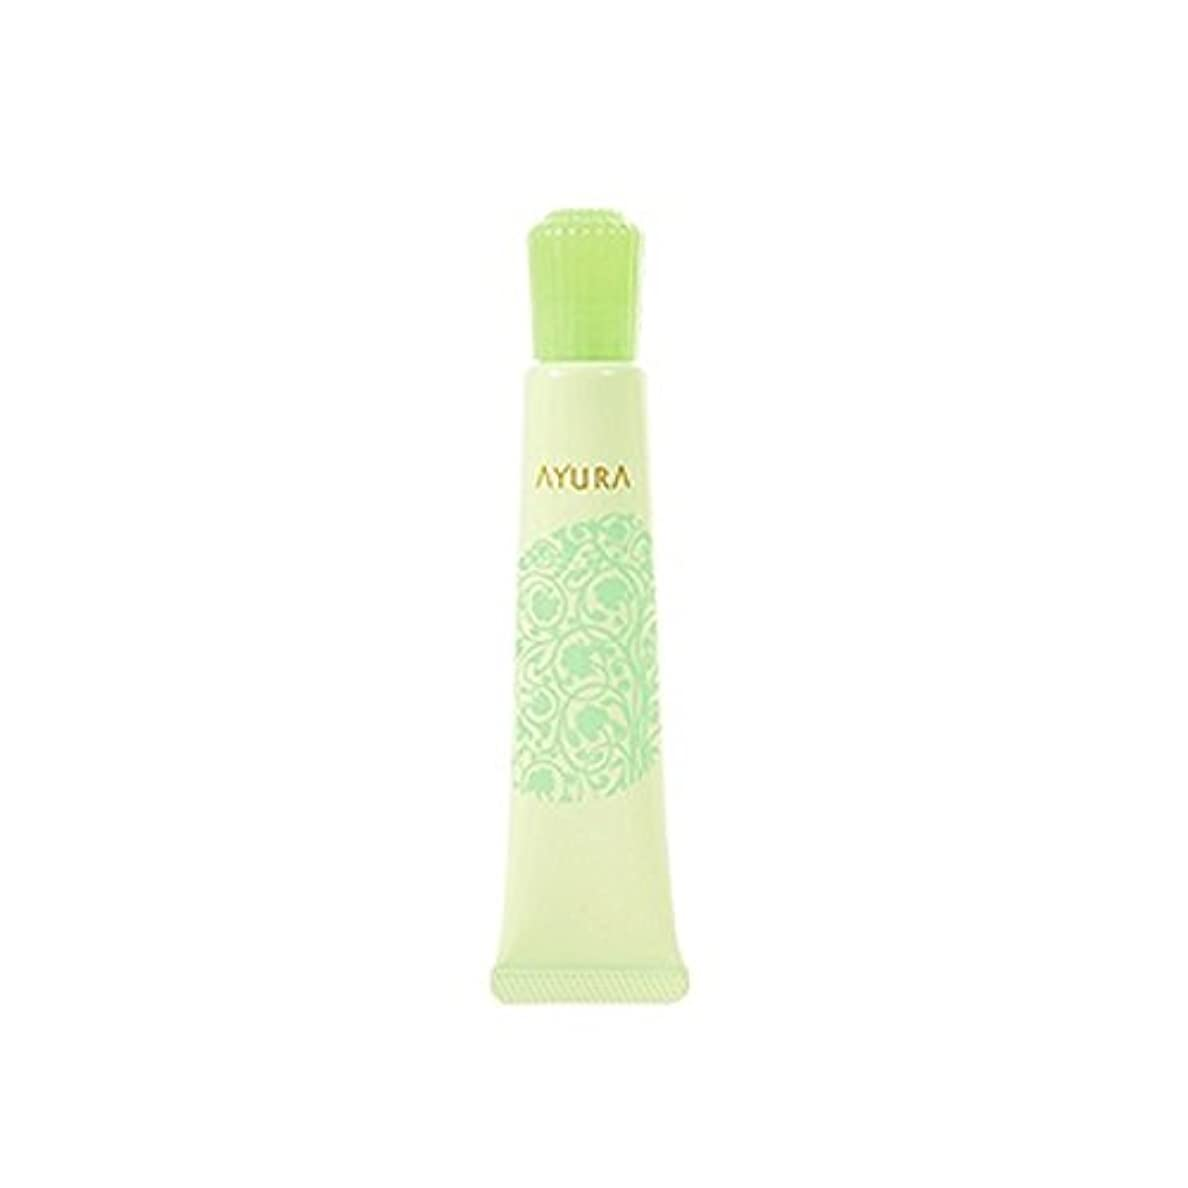 包括的コジオスコたらいアユーラ (AYURA) ハンドオアシス 〈ハンド用美容液〉 アロマティックハーブとユーカリの軽やかな香り